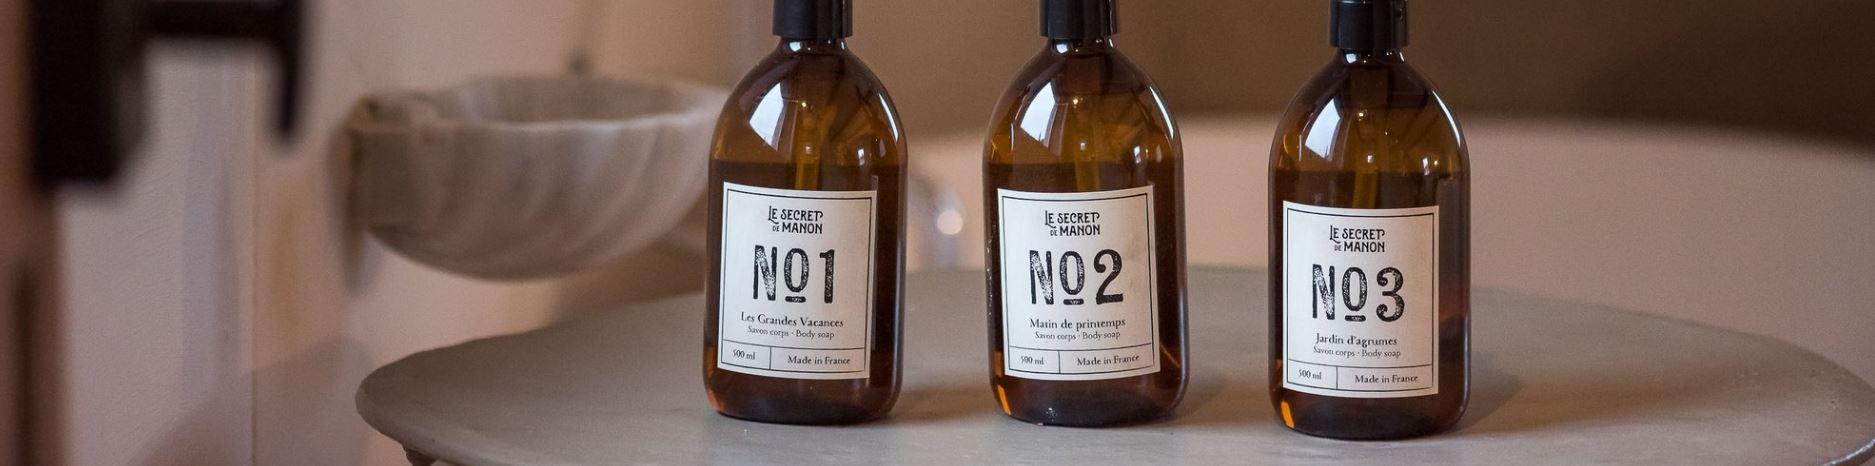 Natürliche Raumdüfte, Seifen und Hand & Body Pflege aus der Provence von le secret de manaon